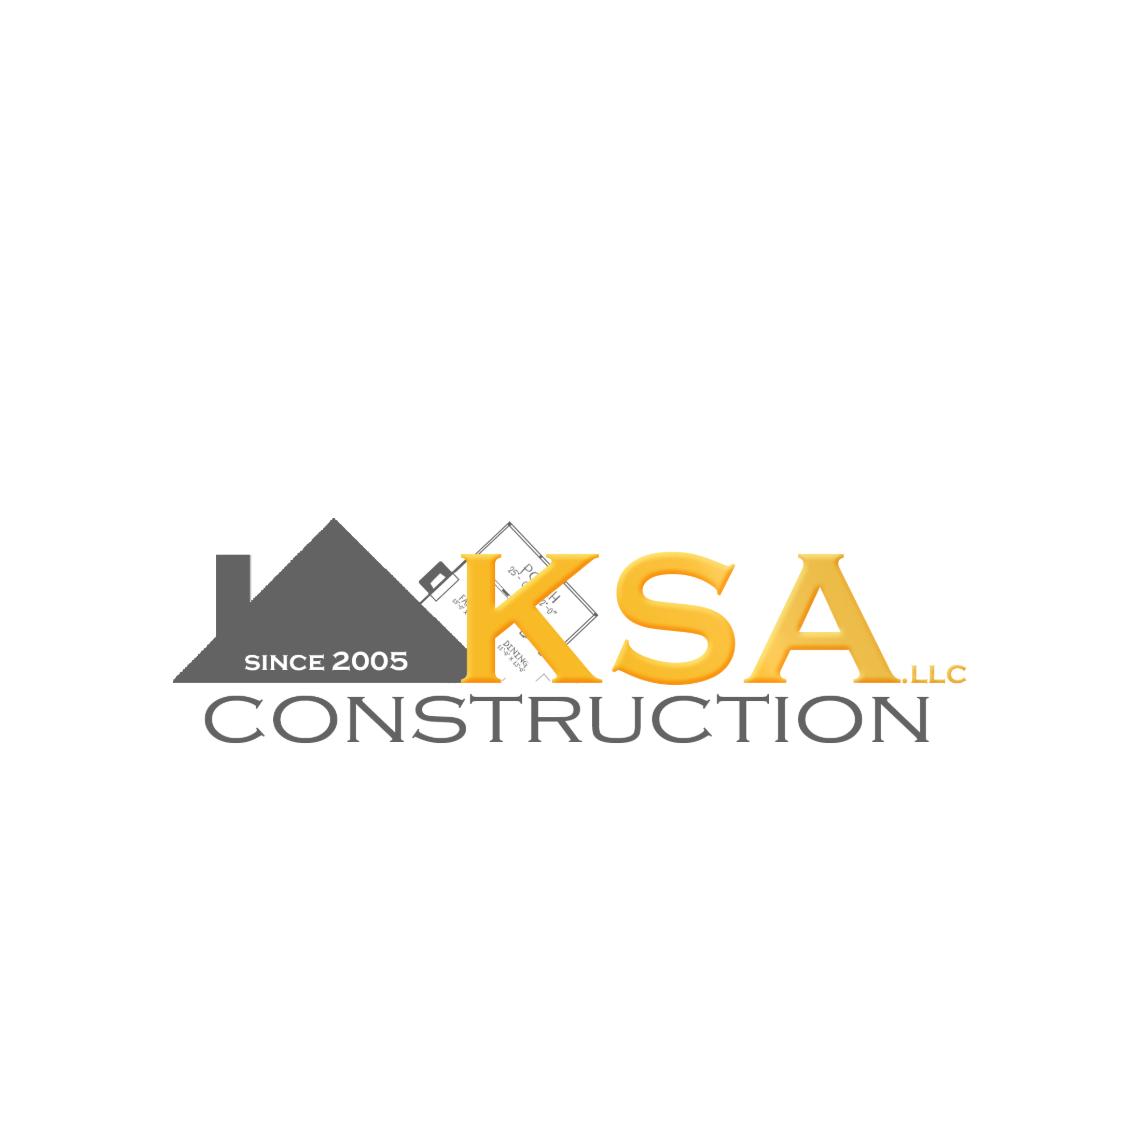 KSA Construction